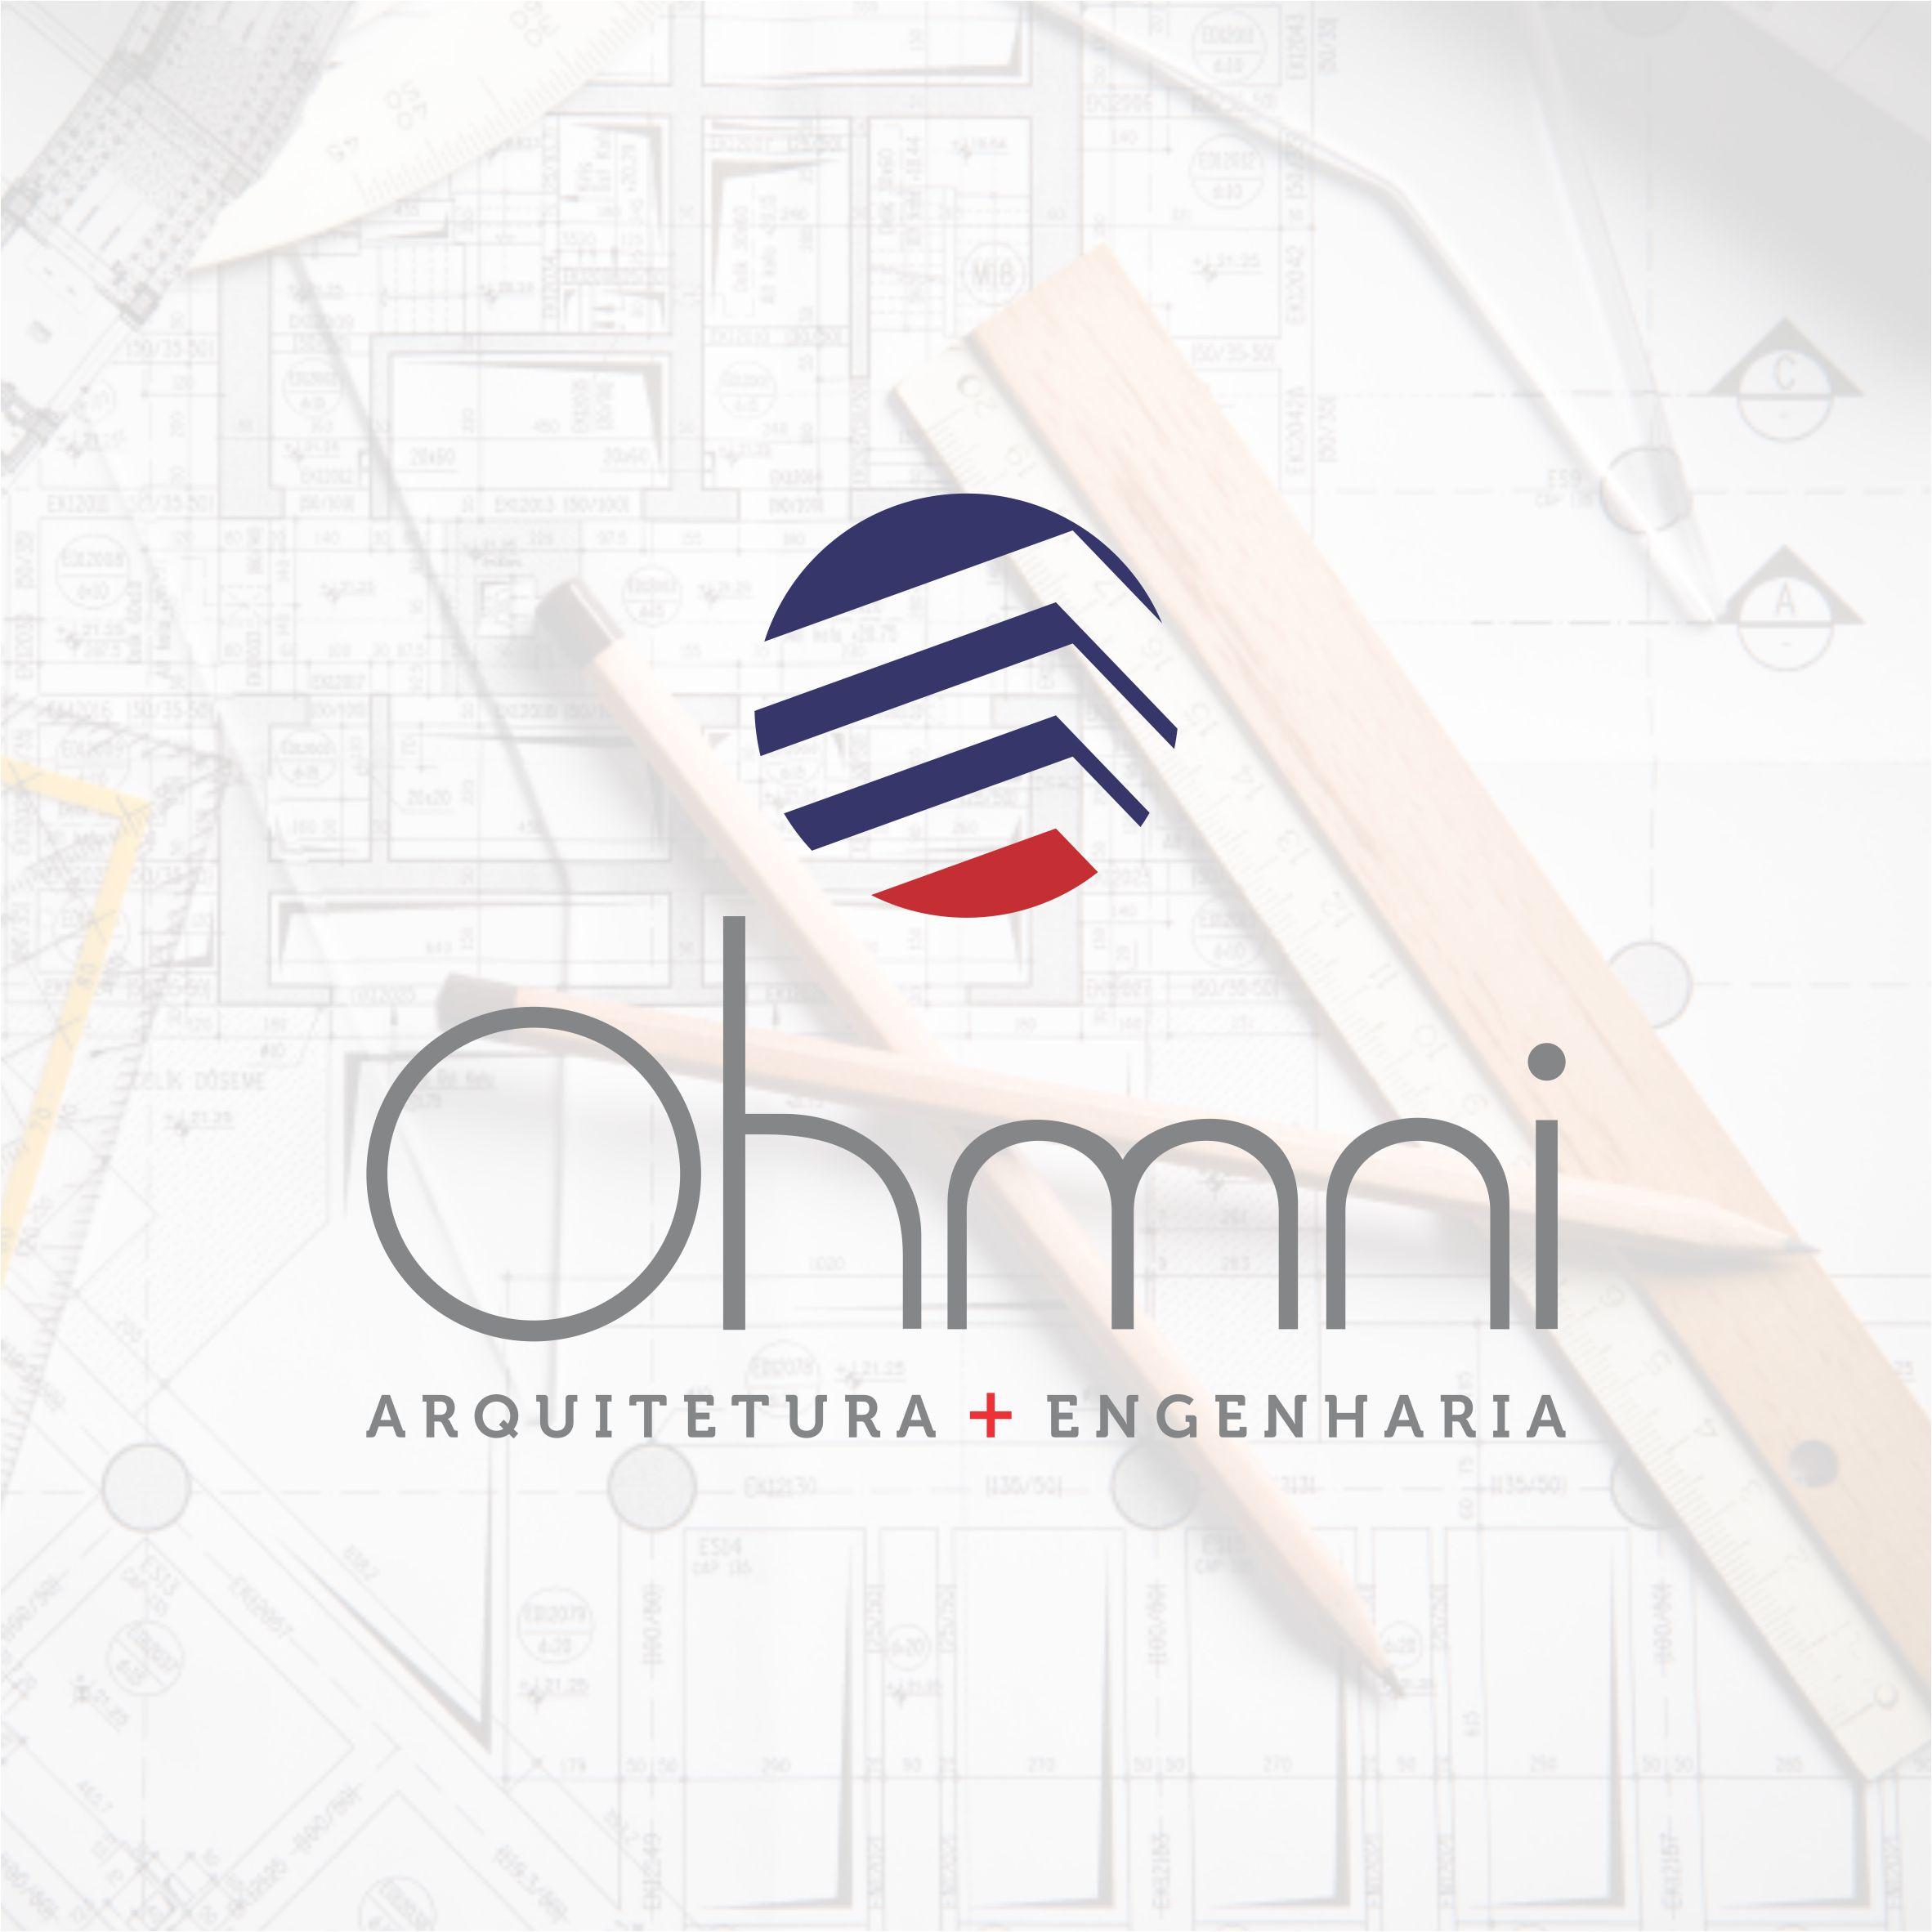 Ohmni Arquitetura e Engenharia